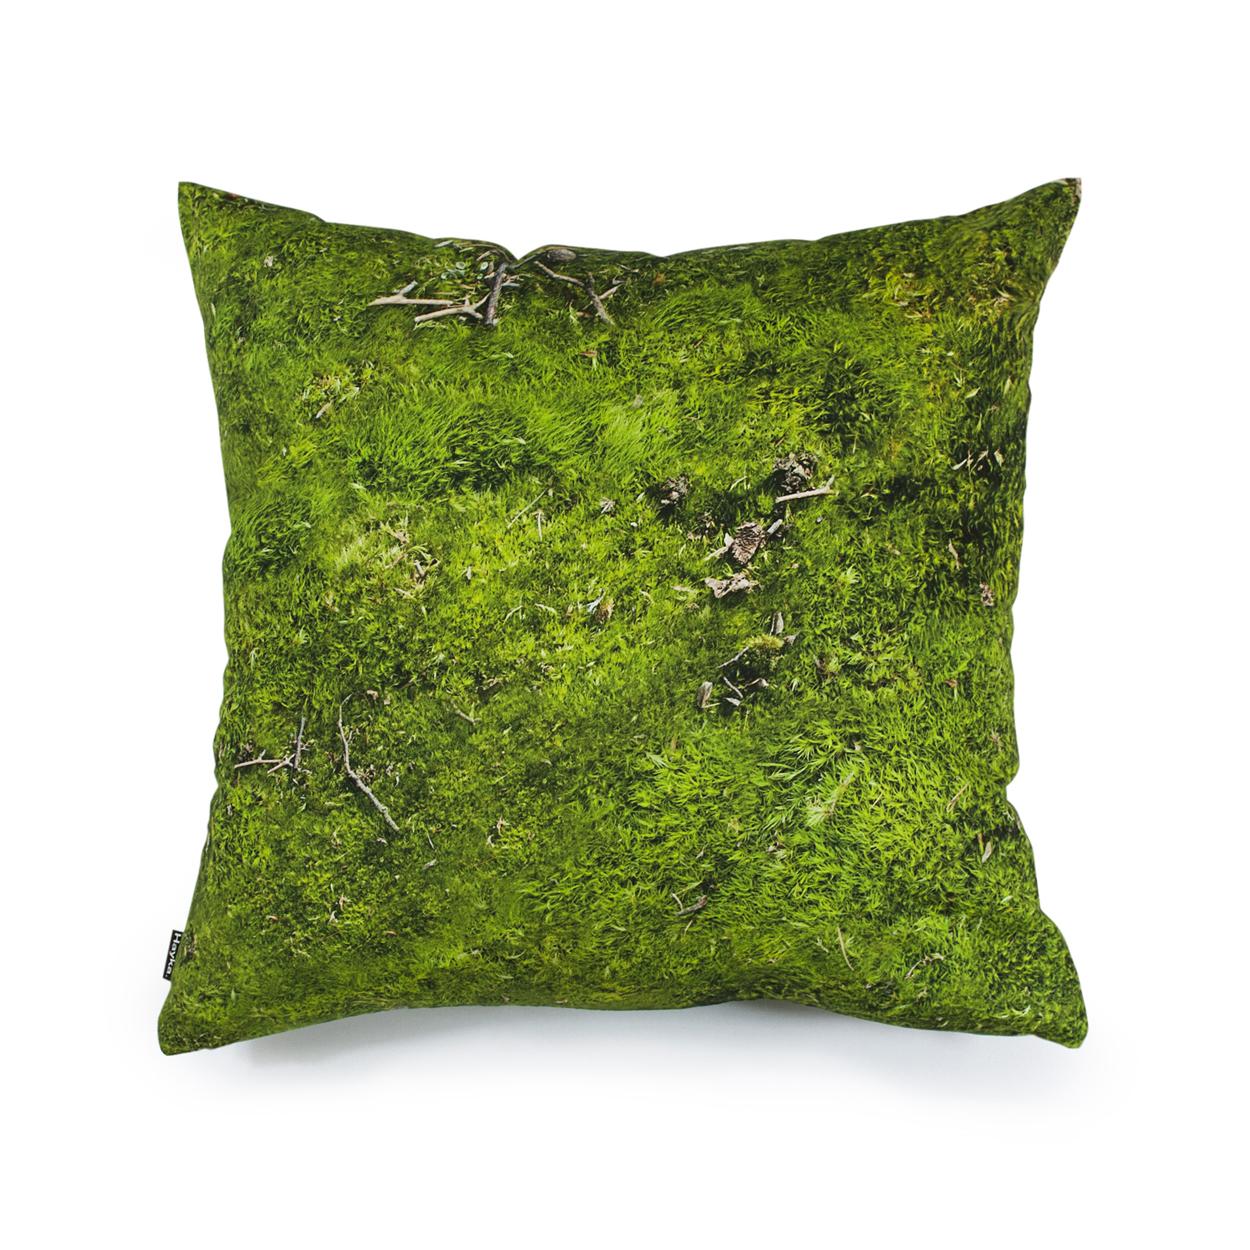 wohntextilien, wohnen, hochzeitsgeschenke, bettwaesche, HAYKA STROH KISSENBEZUG - mech cushion 40x40 packshot